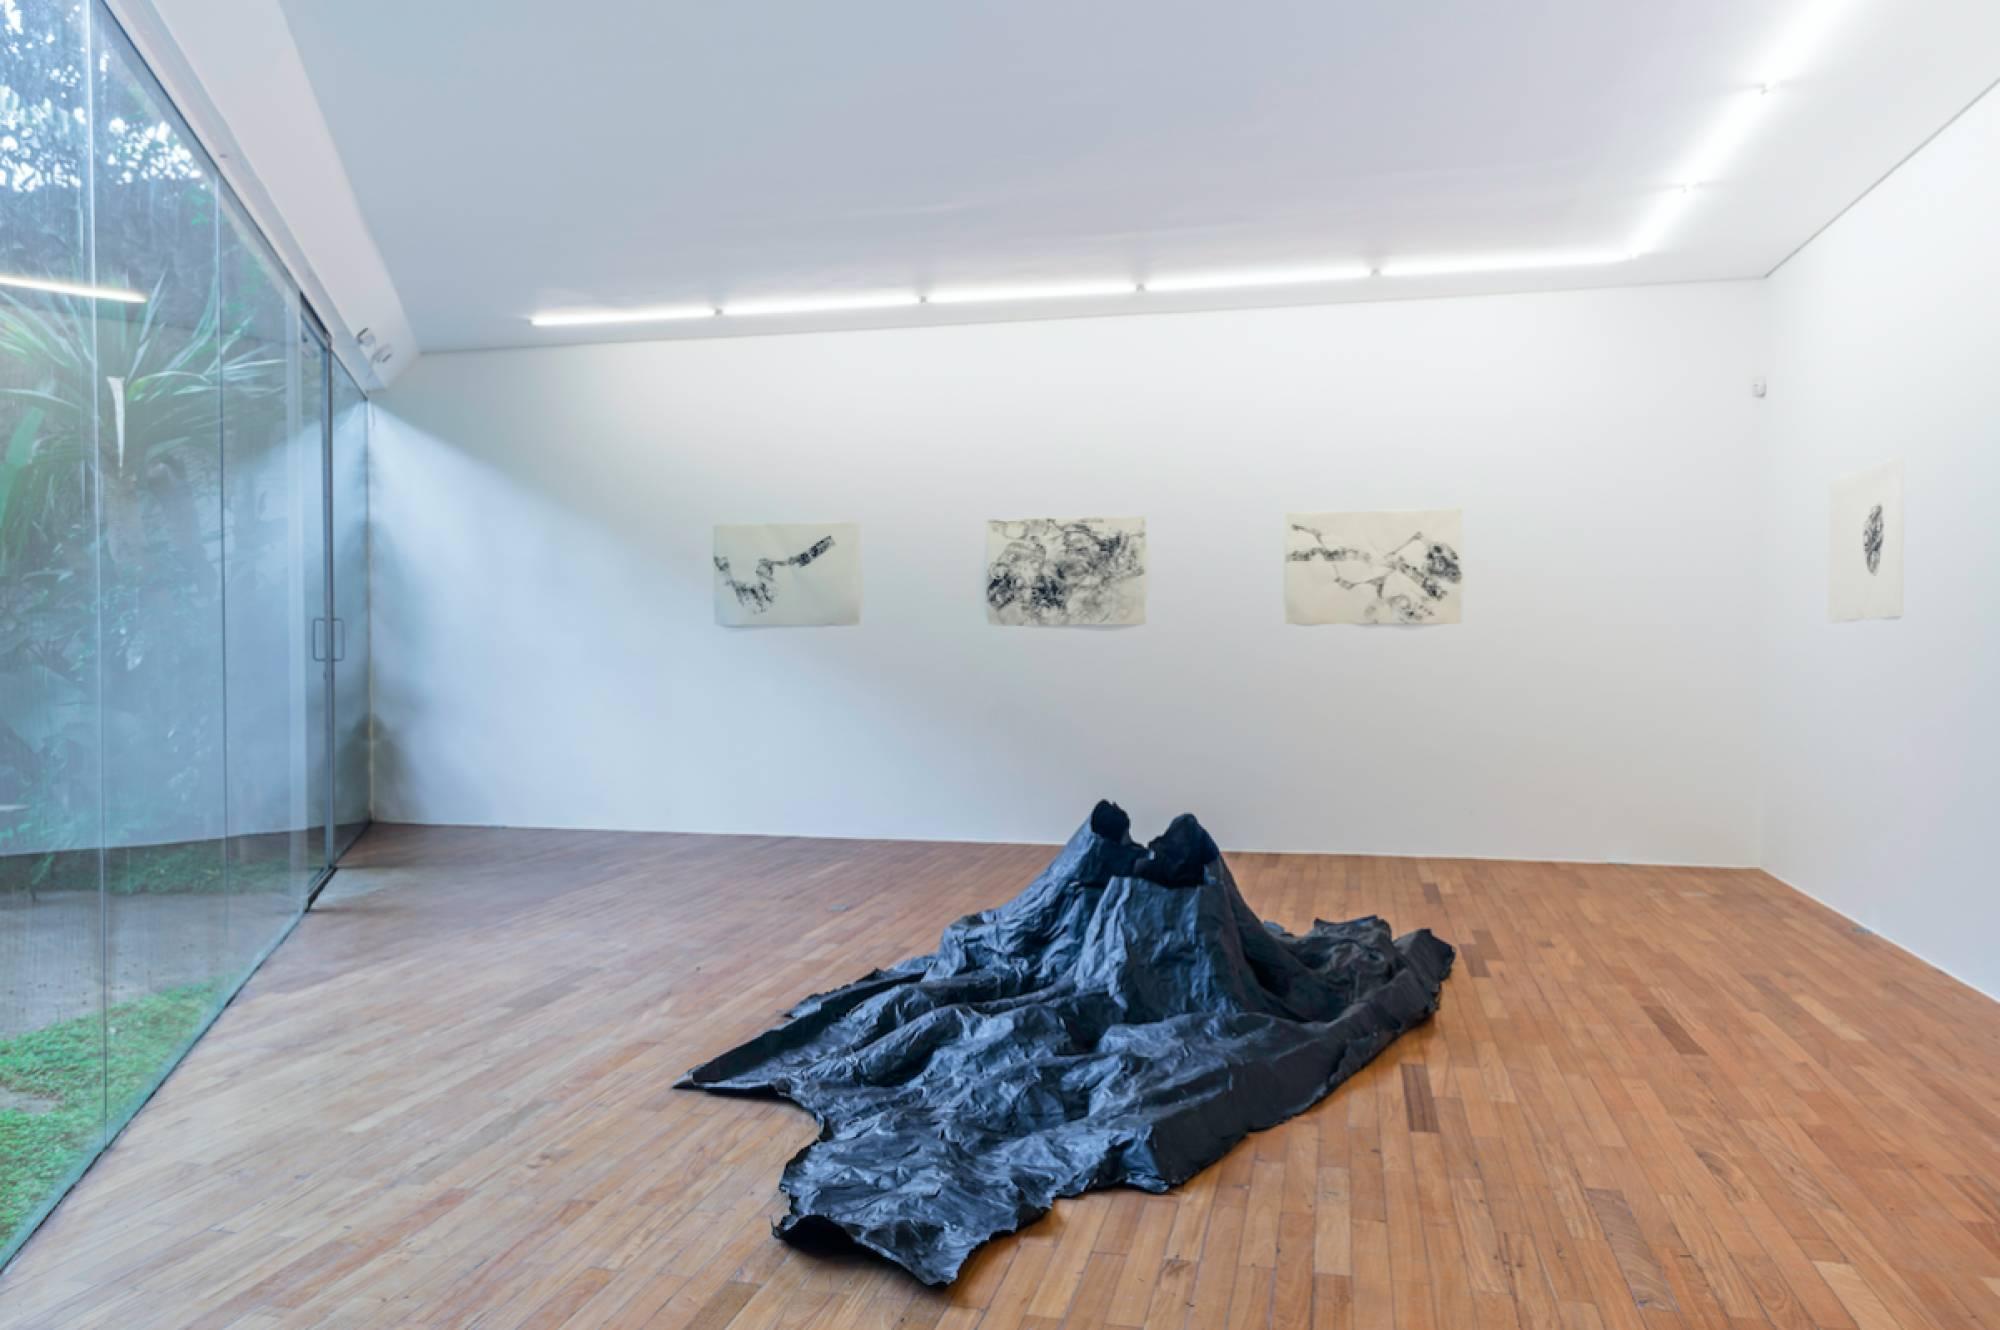 Mariana Castillo Deball, <em>Palavra e pedra solta não têm volta, </em>Mendes Wood DM São Paulo, 2013 - Mendes Wood DM